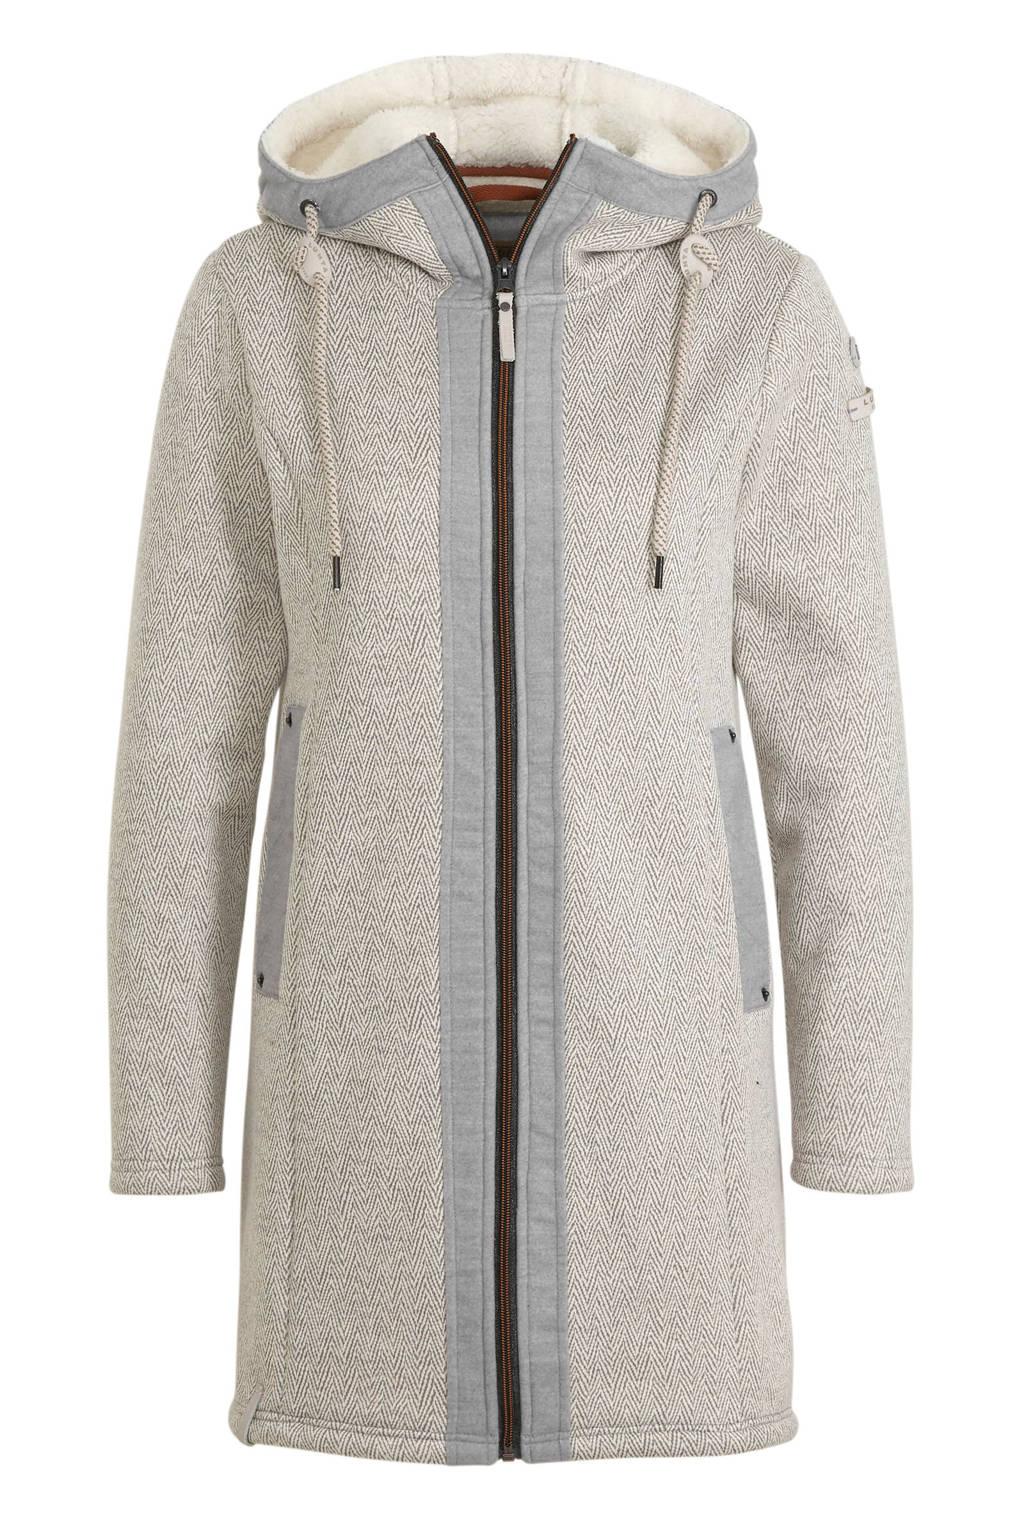 Luhta outdoor vest Haukilahti grijs, Grijs